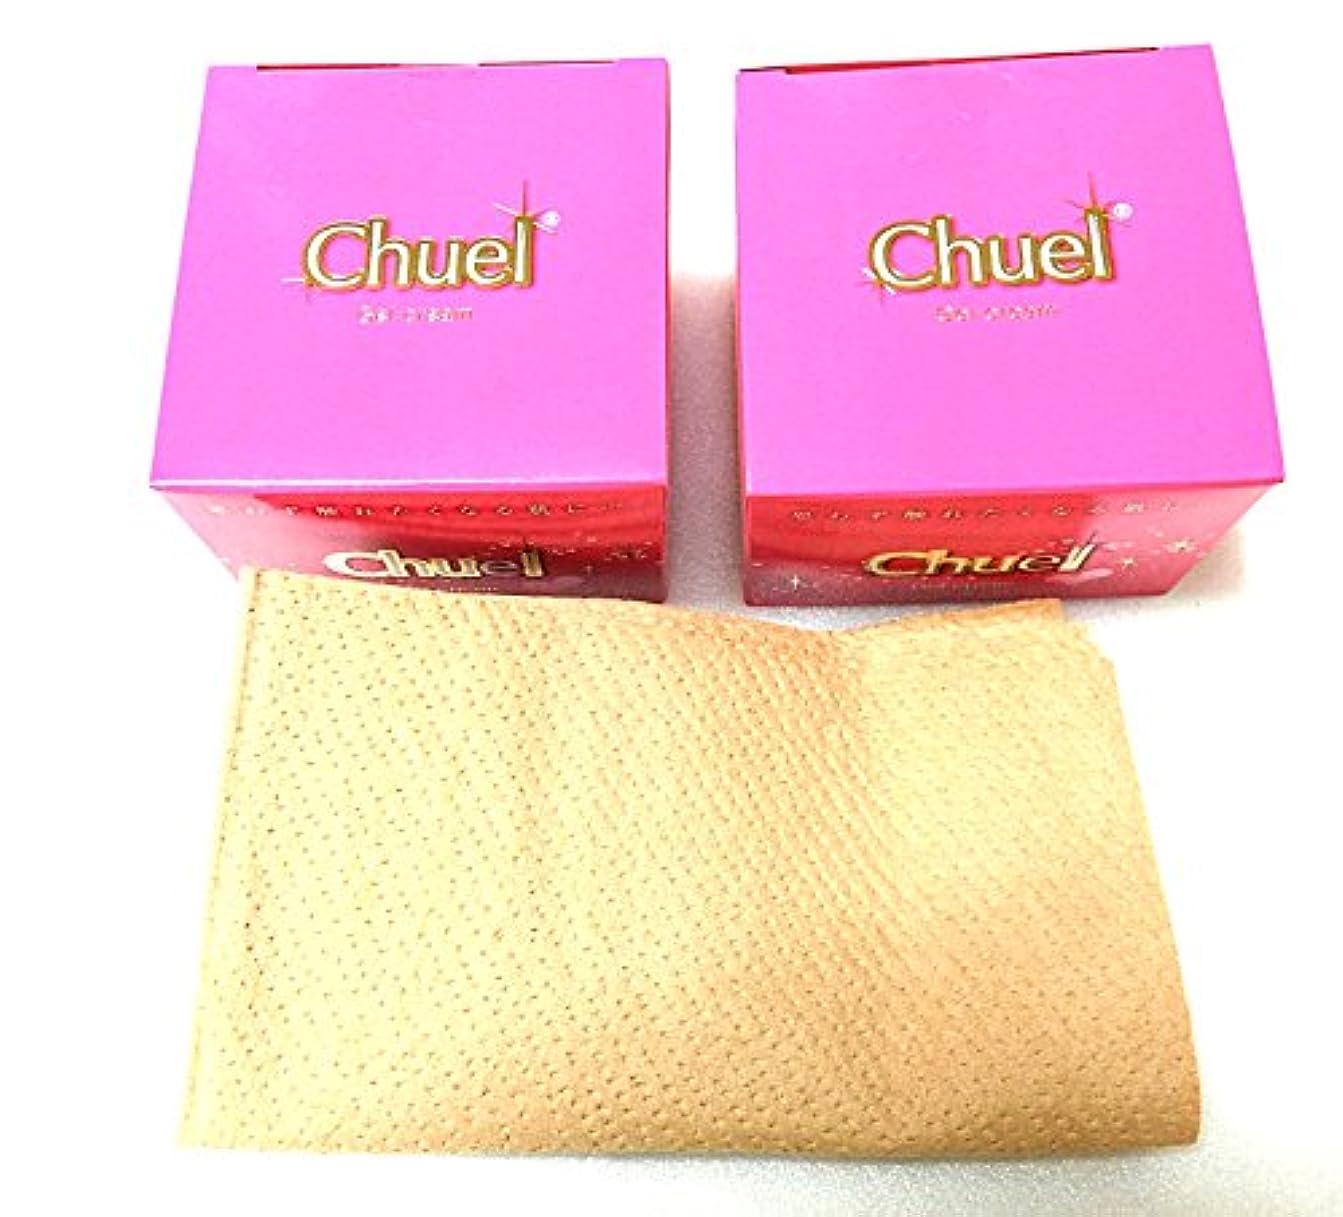 前者肝アジア人NEW Chuel(チュエル) 増量 180g 2個セット 使い捨て紙ウエス1枚付属